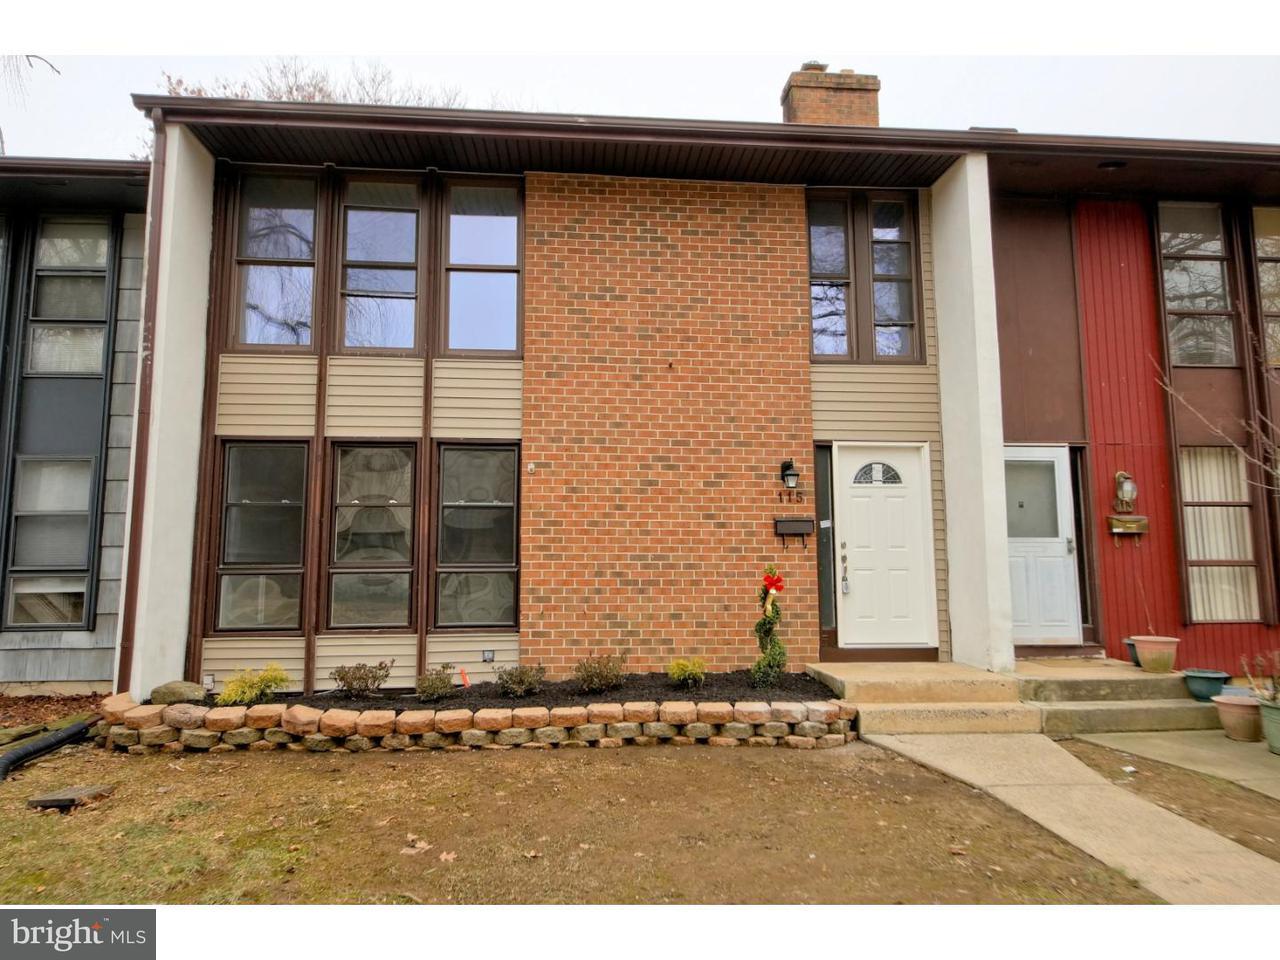 联栋屋 为 销售 在 115 BENNINGTON Drive 东温莎, 新泽西州 08520 美国在/周边: East Windsor Township